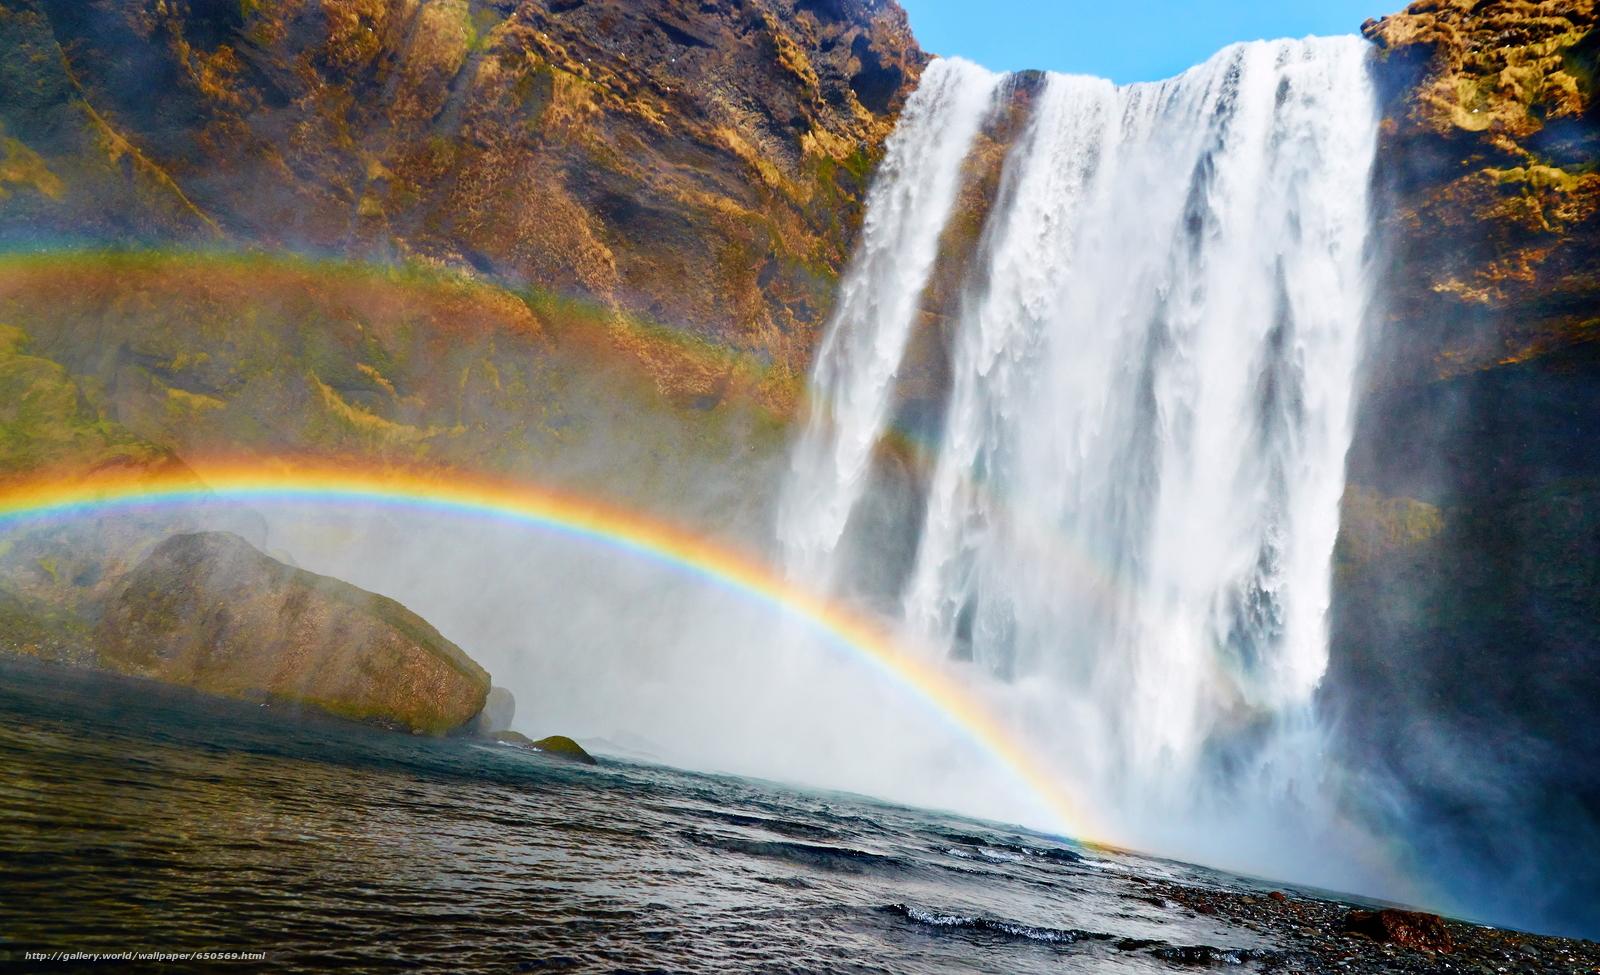 Скачать обои водопад,  радуга,  позитив бесплатно для рабочего стола в разрешении 3840x2339 — картинка №650569